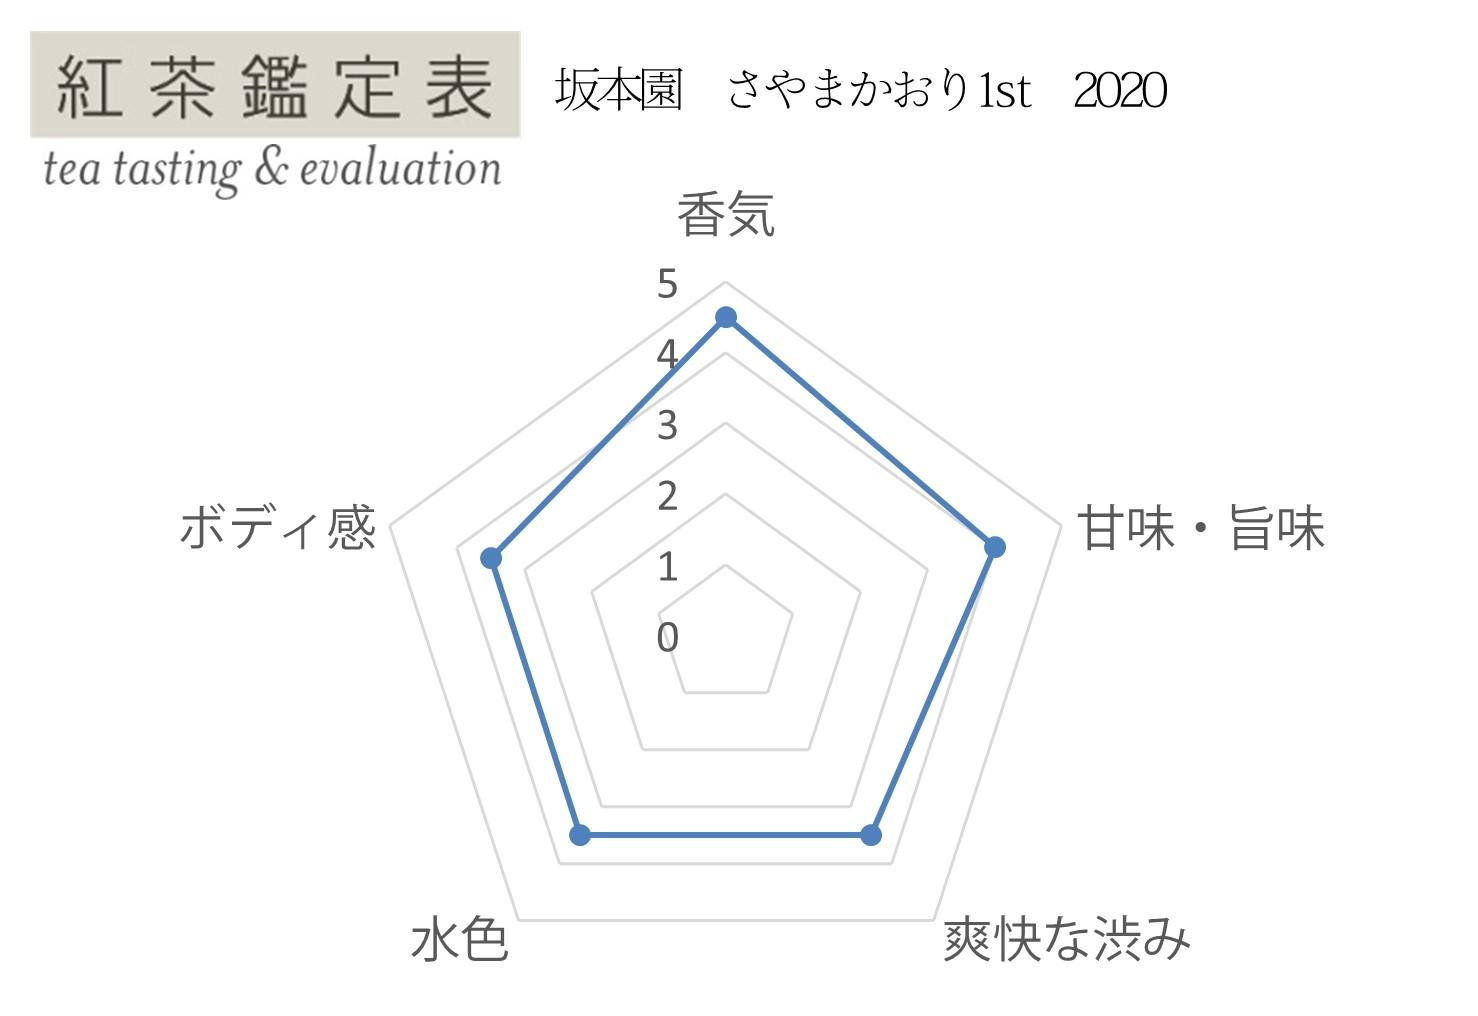 【紅茶鑑定表】坂本園 さやまかおり1st